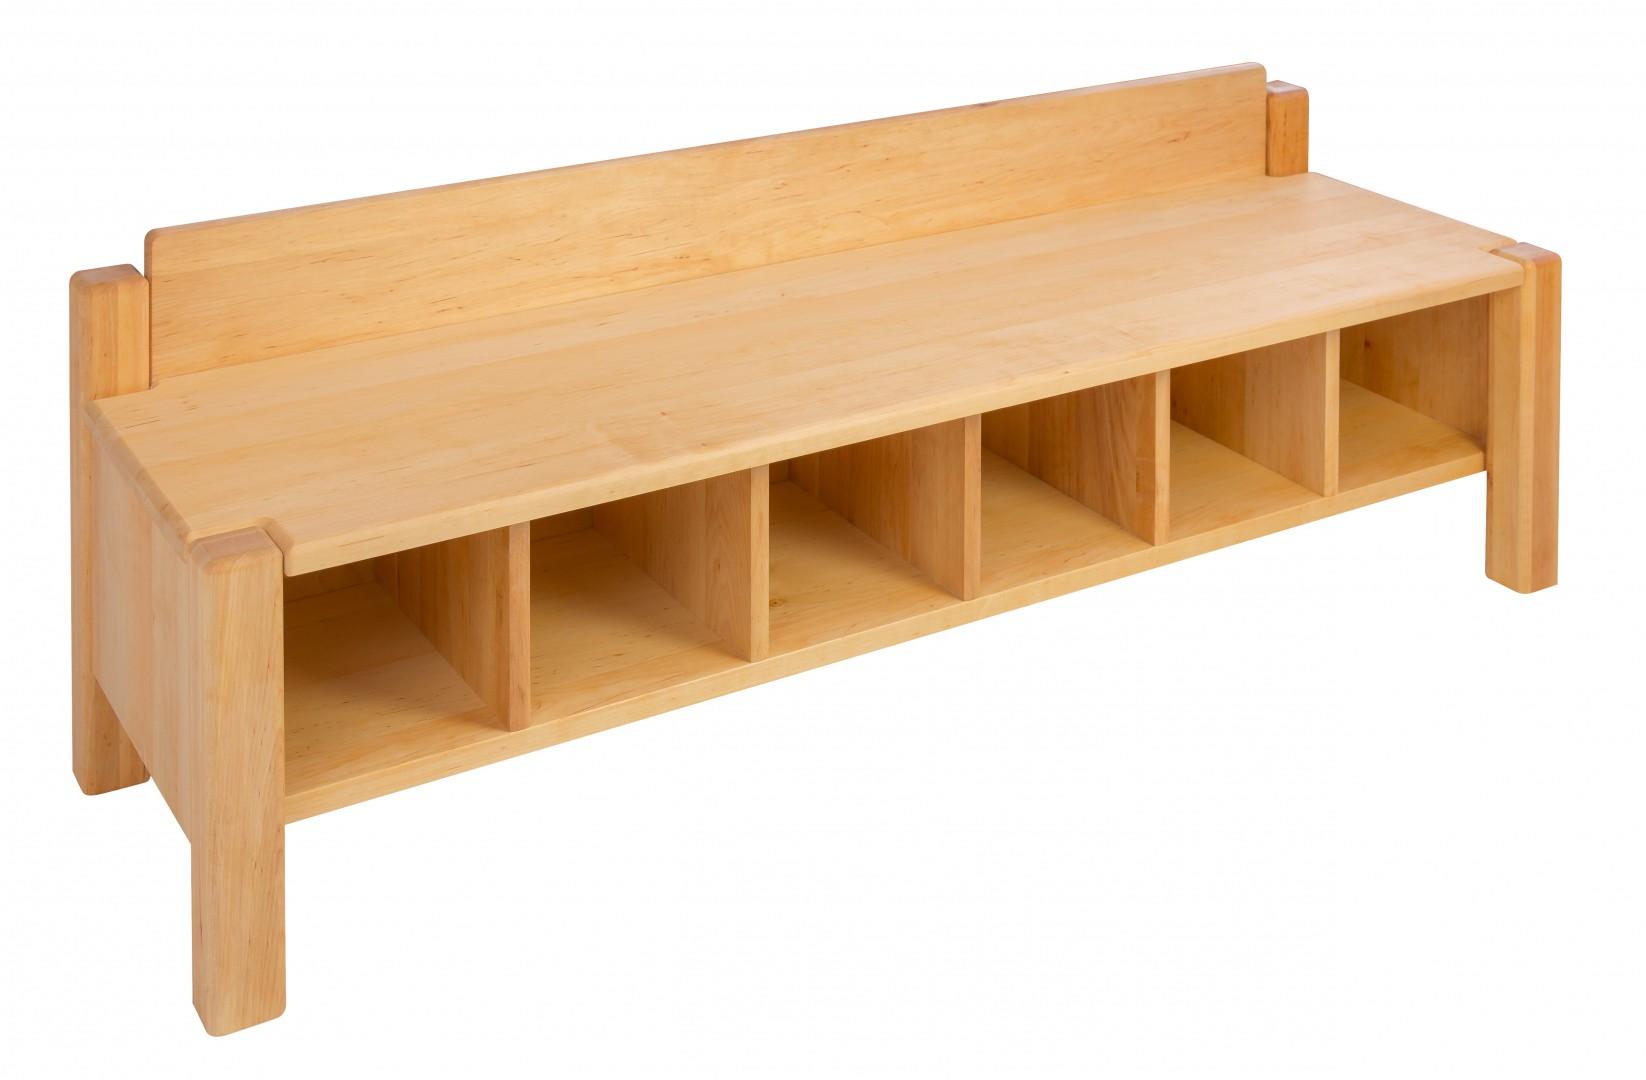 biokinder robin kindergartenbank 120 cm. Black Bedroom Furniture Sets. Home Design Ideas